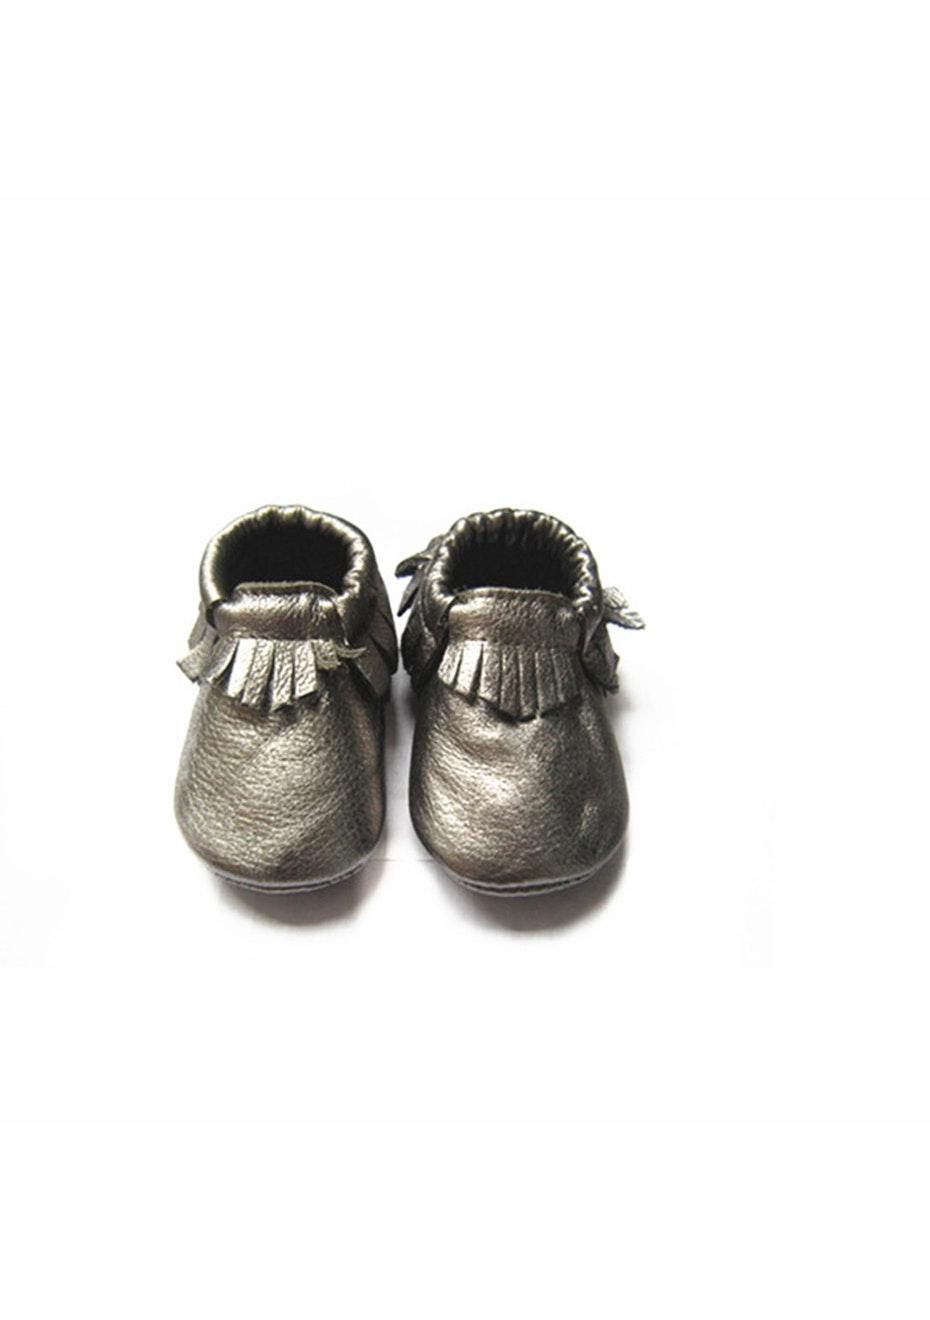 Baby  Leather Shoes - Metallic Grey